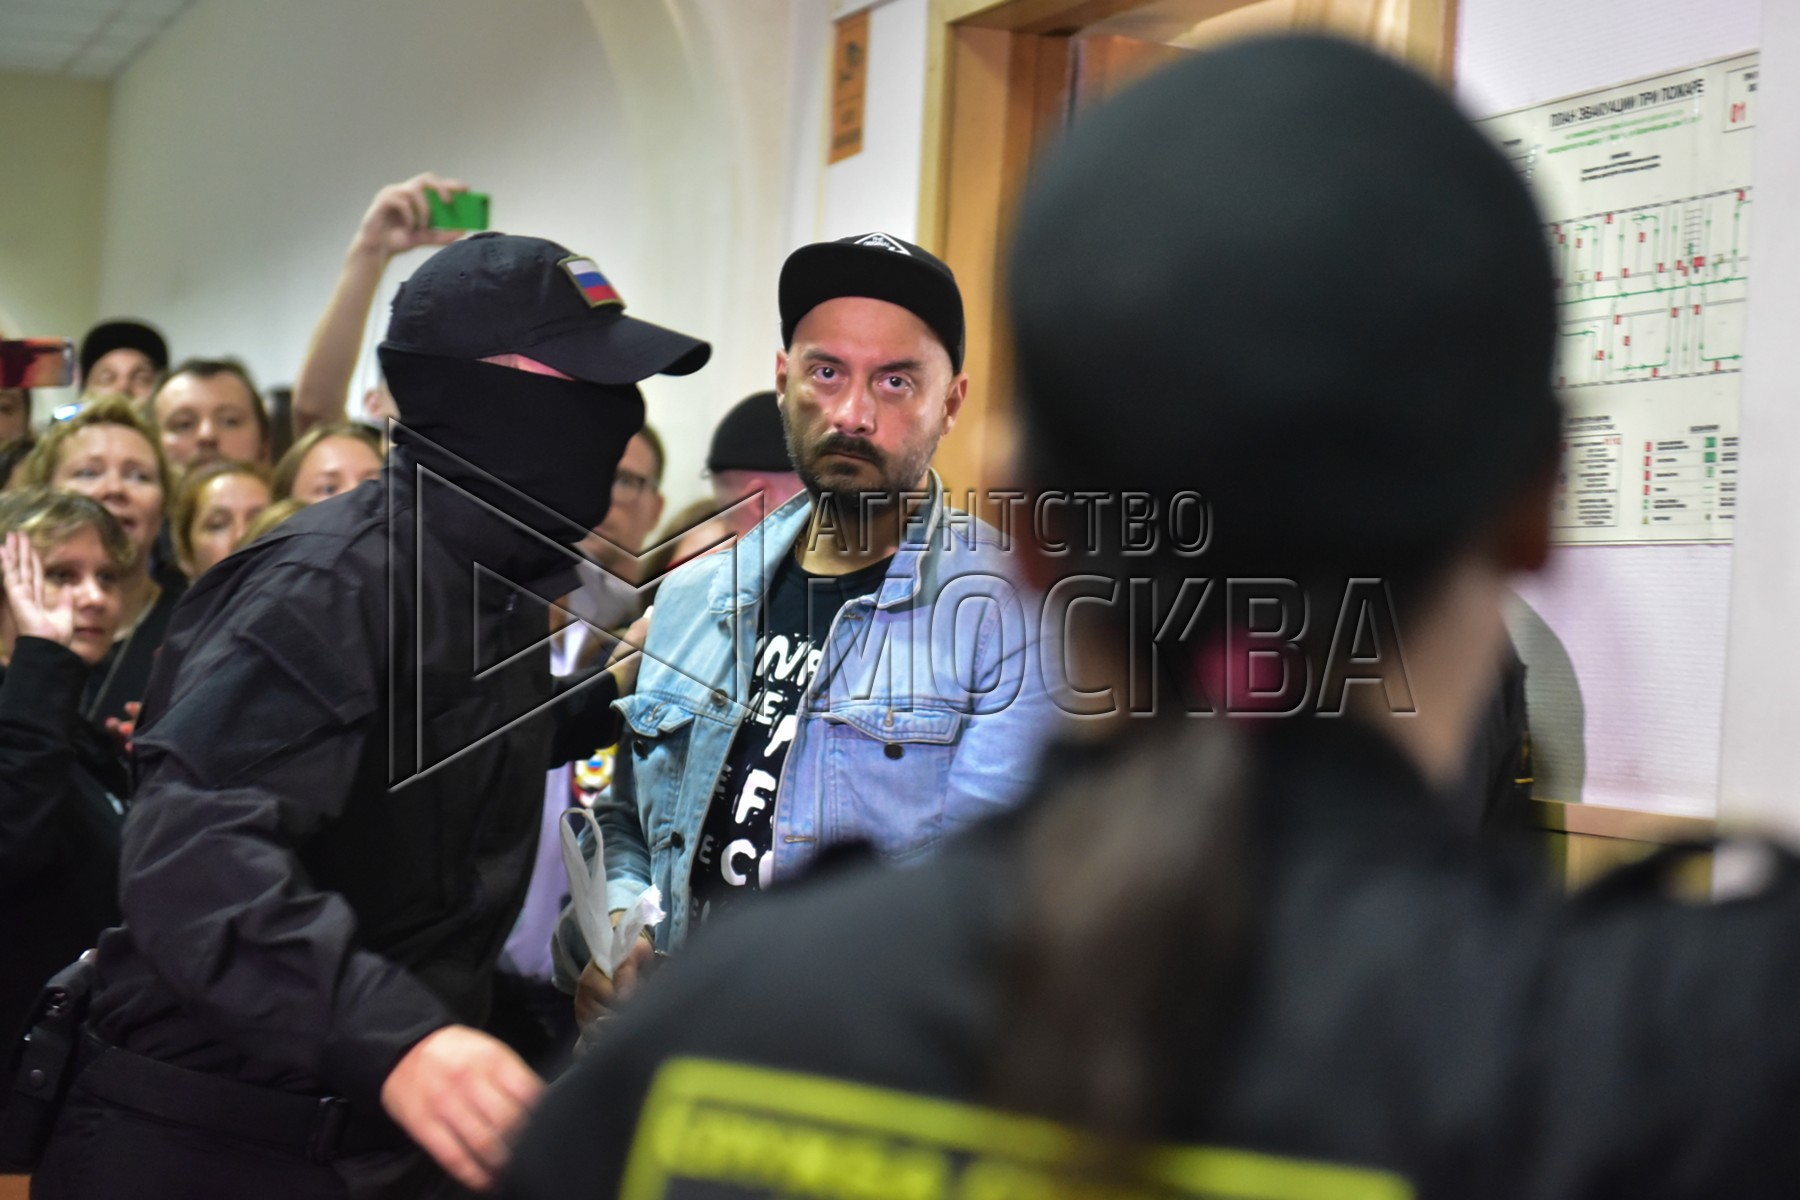 Леонид серебрянников mp3 скачать